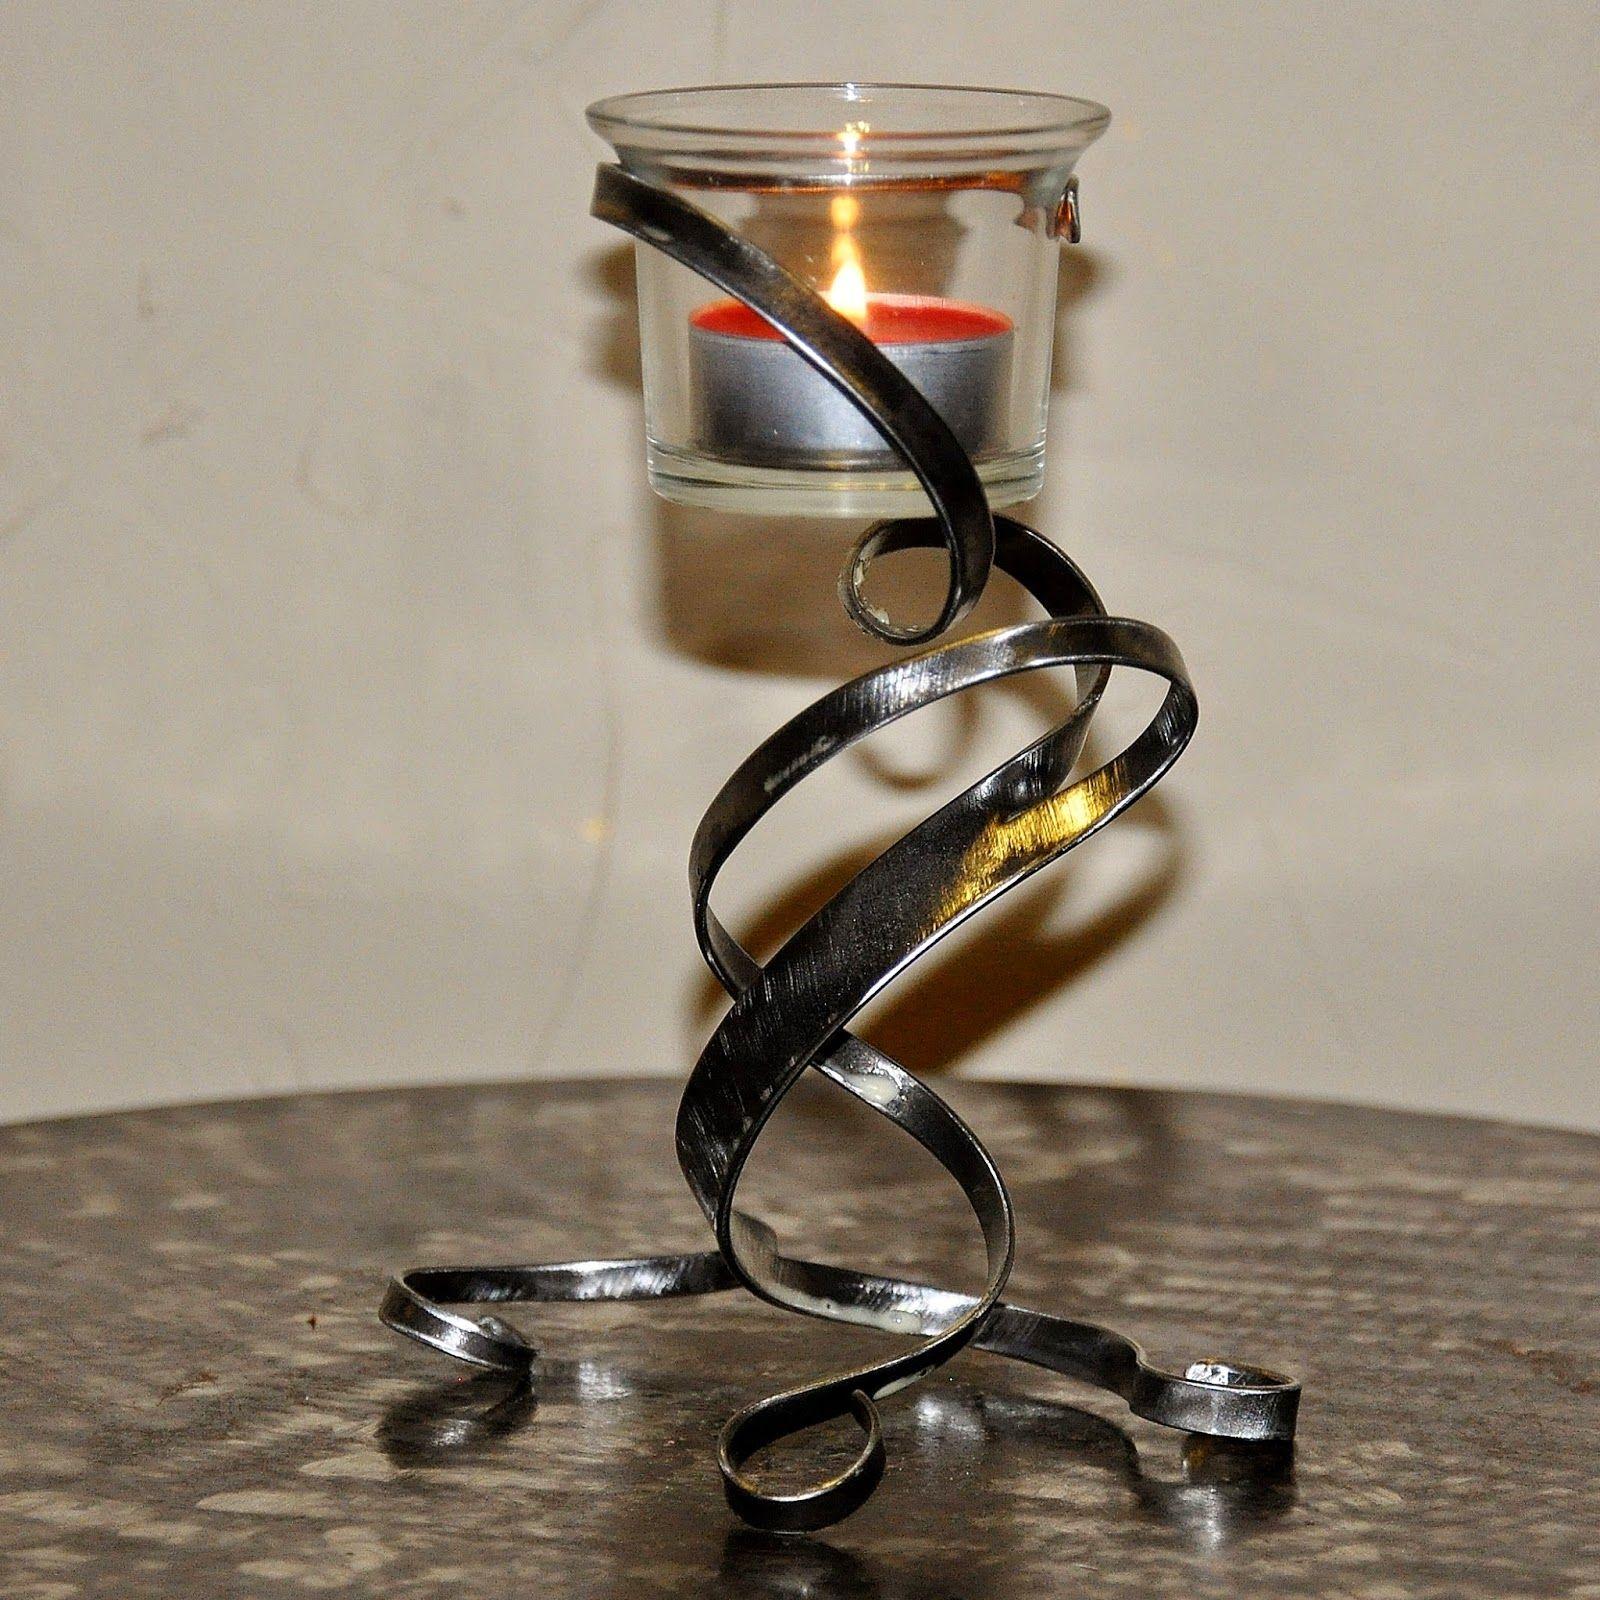 cr ateur d 39 objets d co en fer forg bougeoirs luminaires porte bouteille s rie de petit. Black Bedroom Furniture Sets. Home Design Ideas